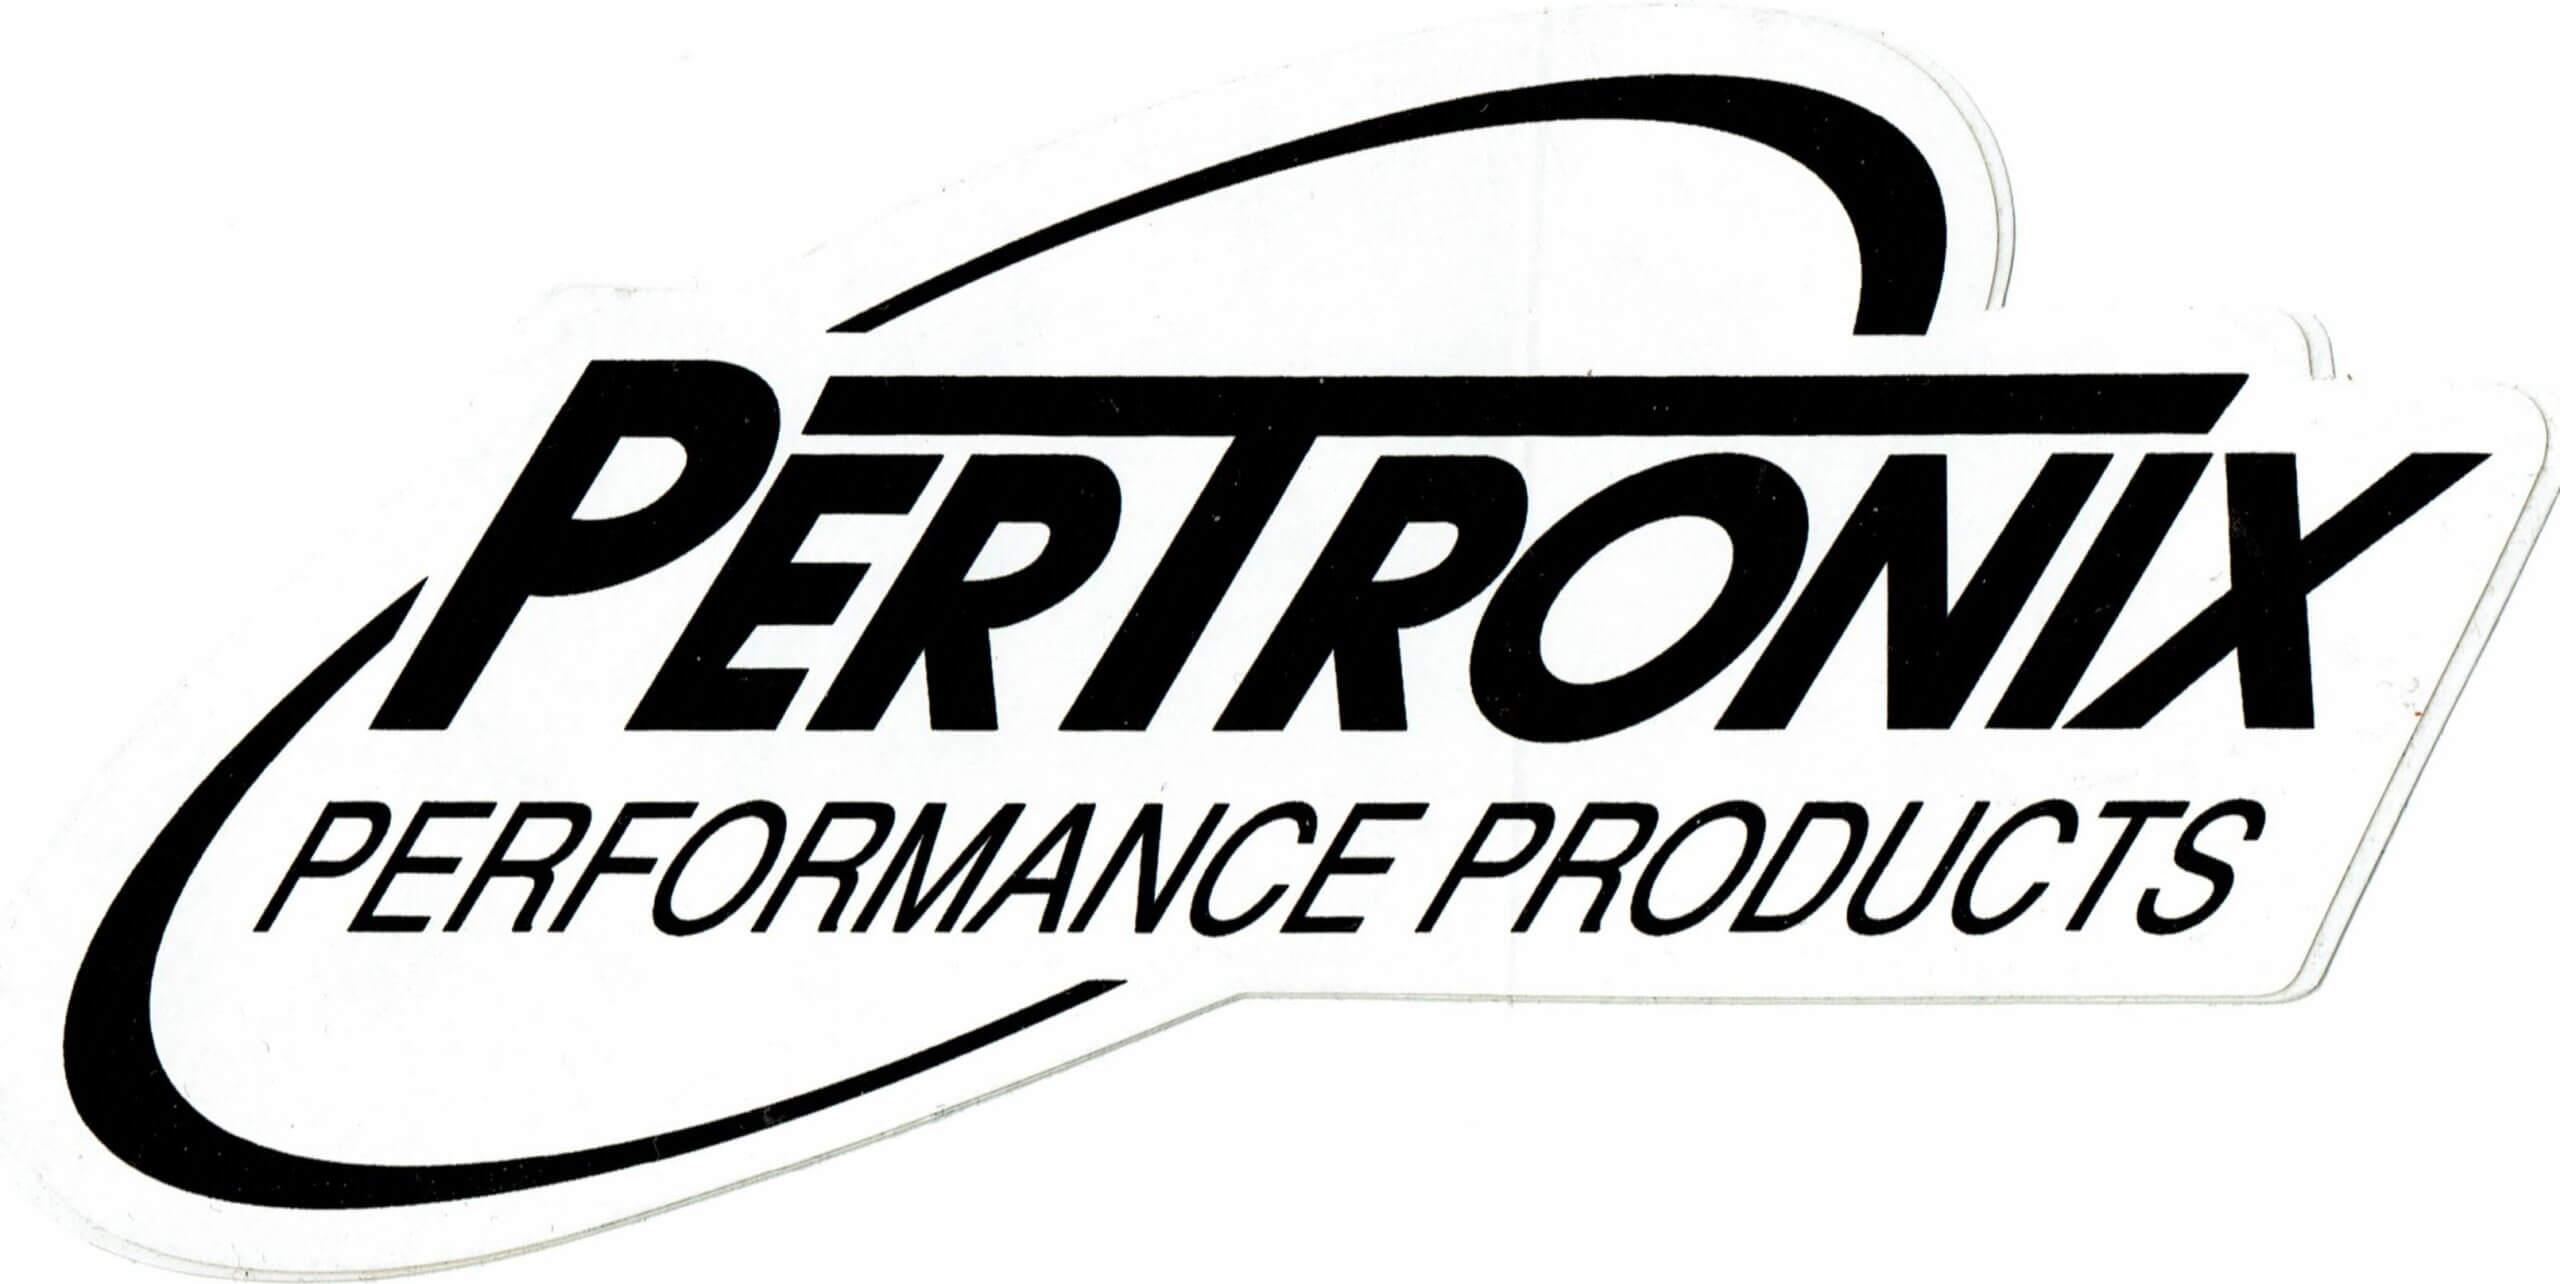 PERTRONIX ステッカー